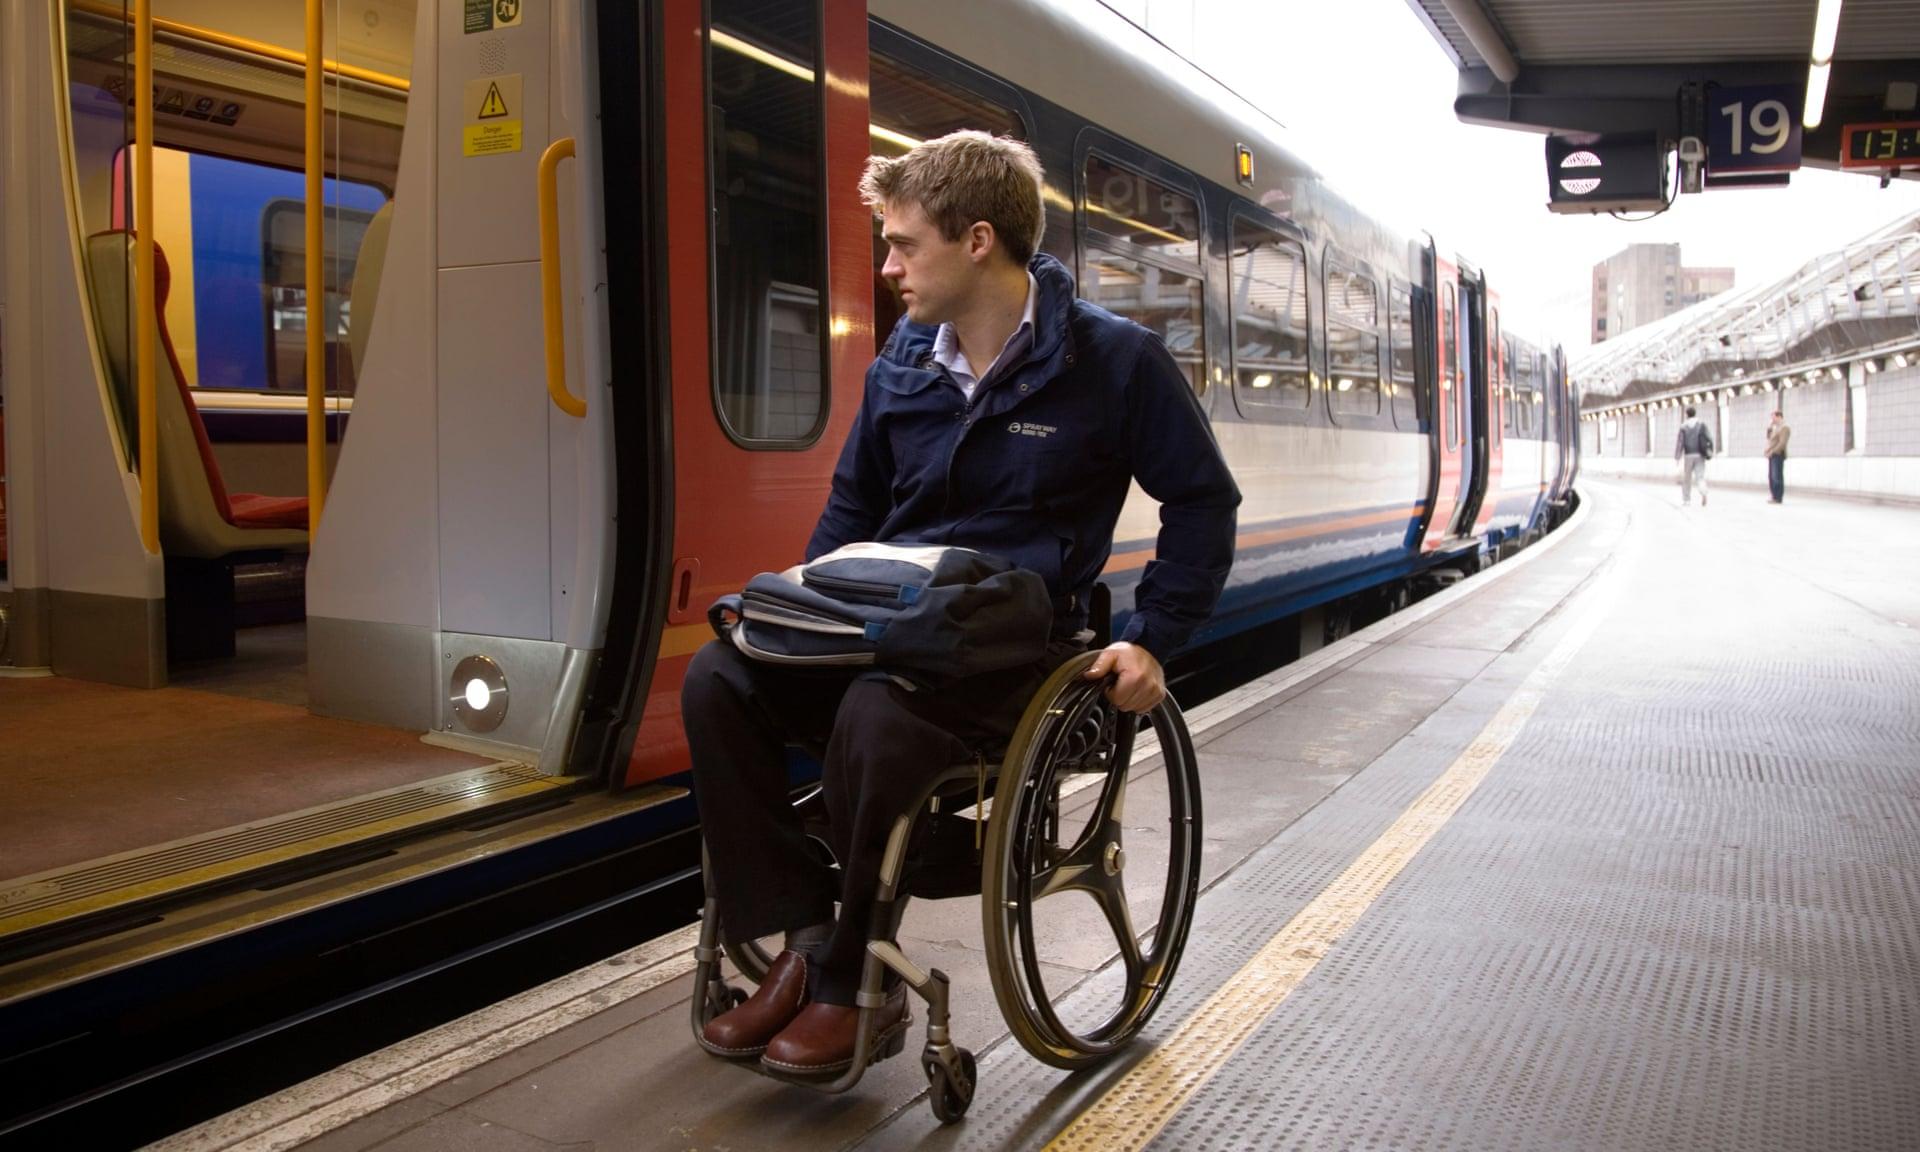 Un usuario de silla de ruedas se prepara para intentar abordar un tren en una estación de Londres. Fotografía: Alamy